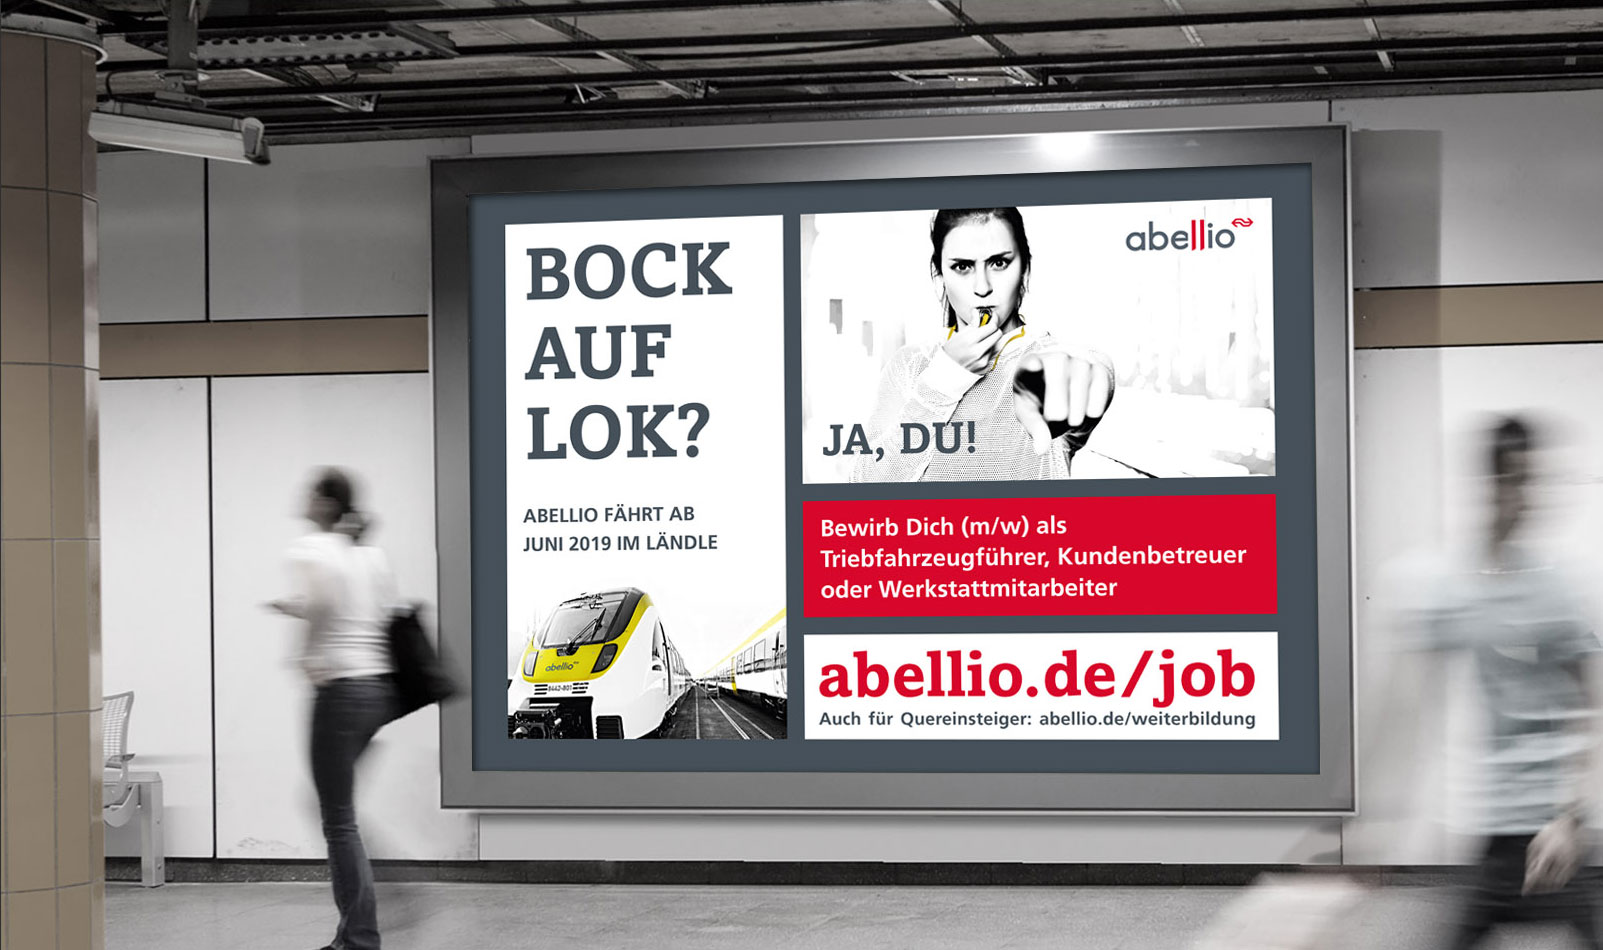 Abellio Bock auf Lok